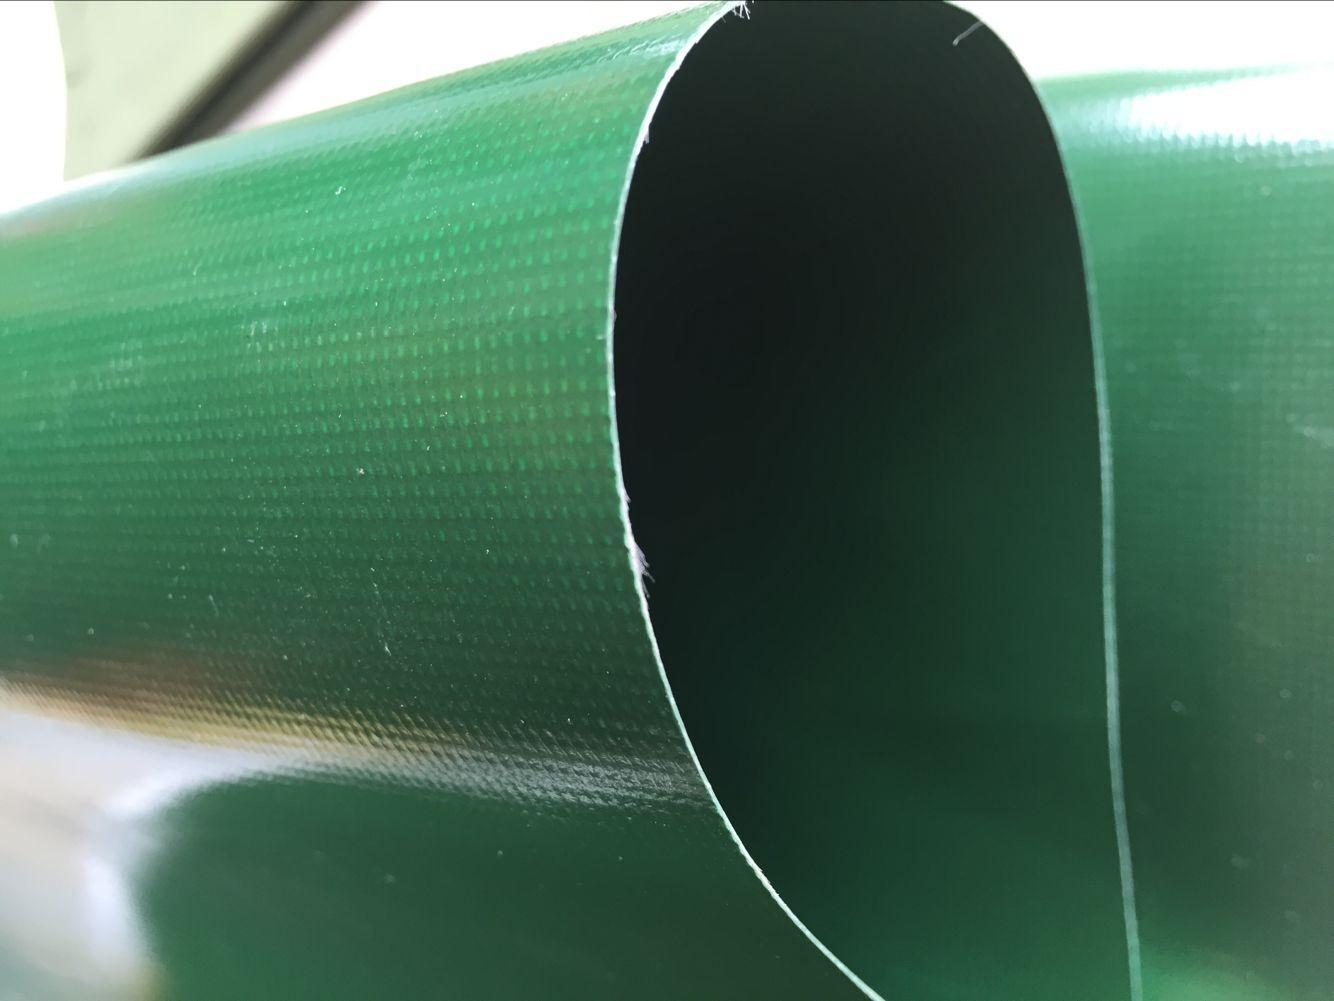 PVC涂塑布定制-优惠的PVC涂塑布供应商当属吉易达公司